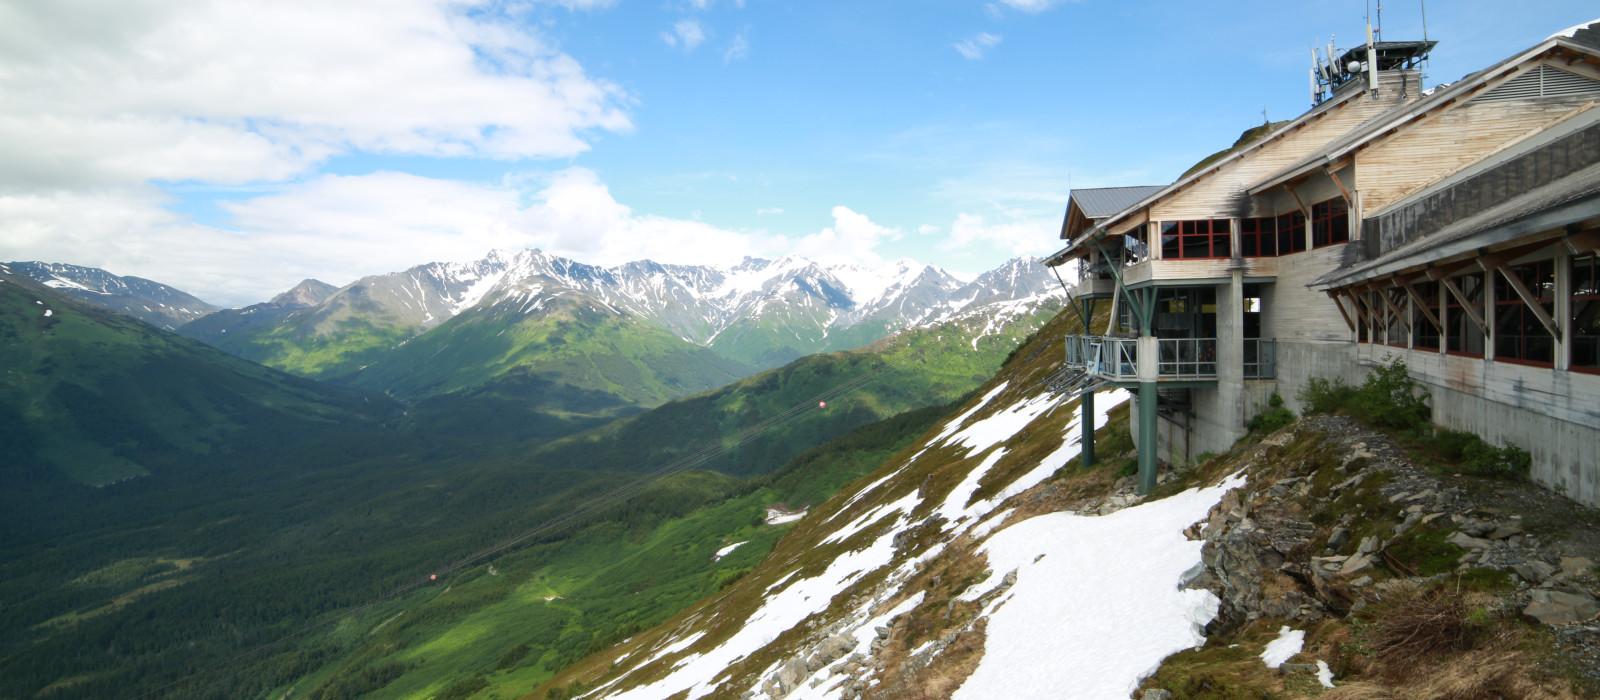 Reiseziel Girdwood Alaska